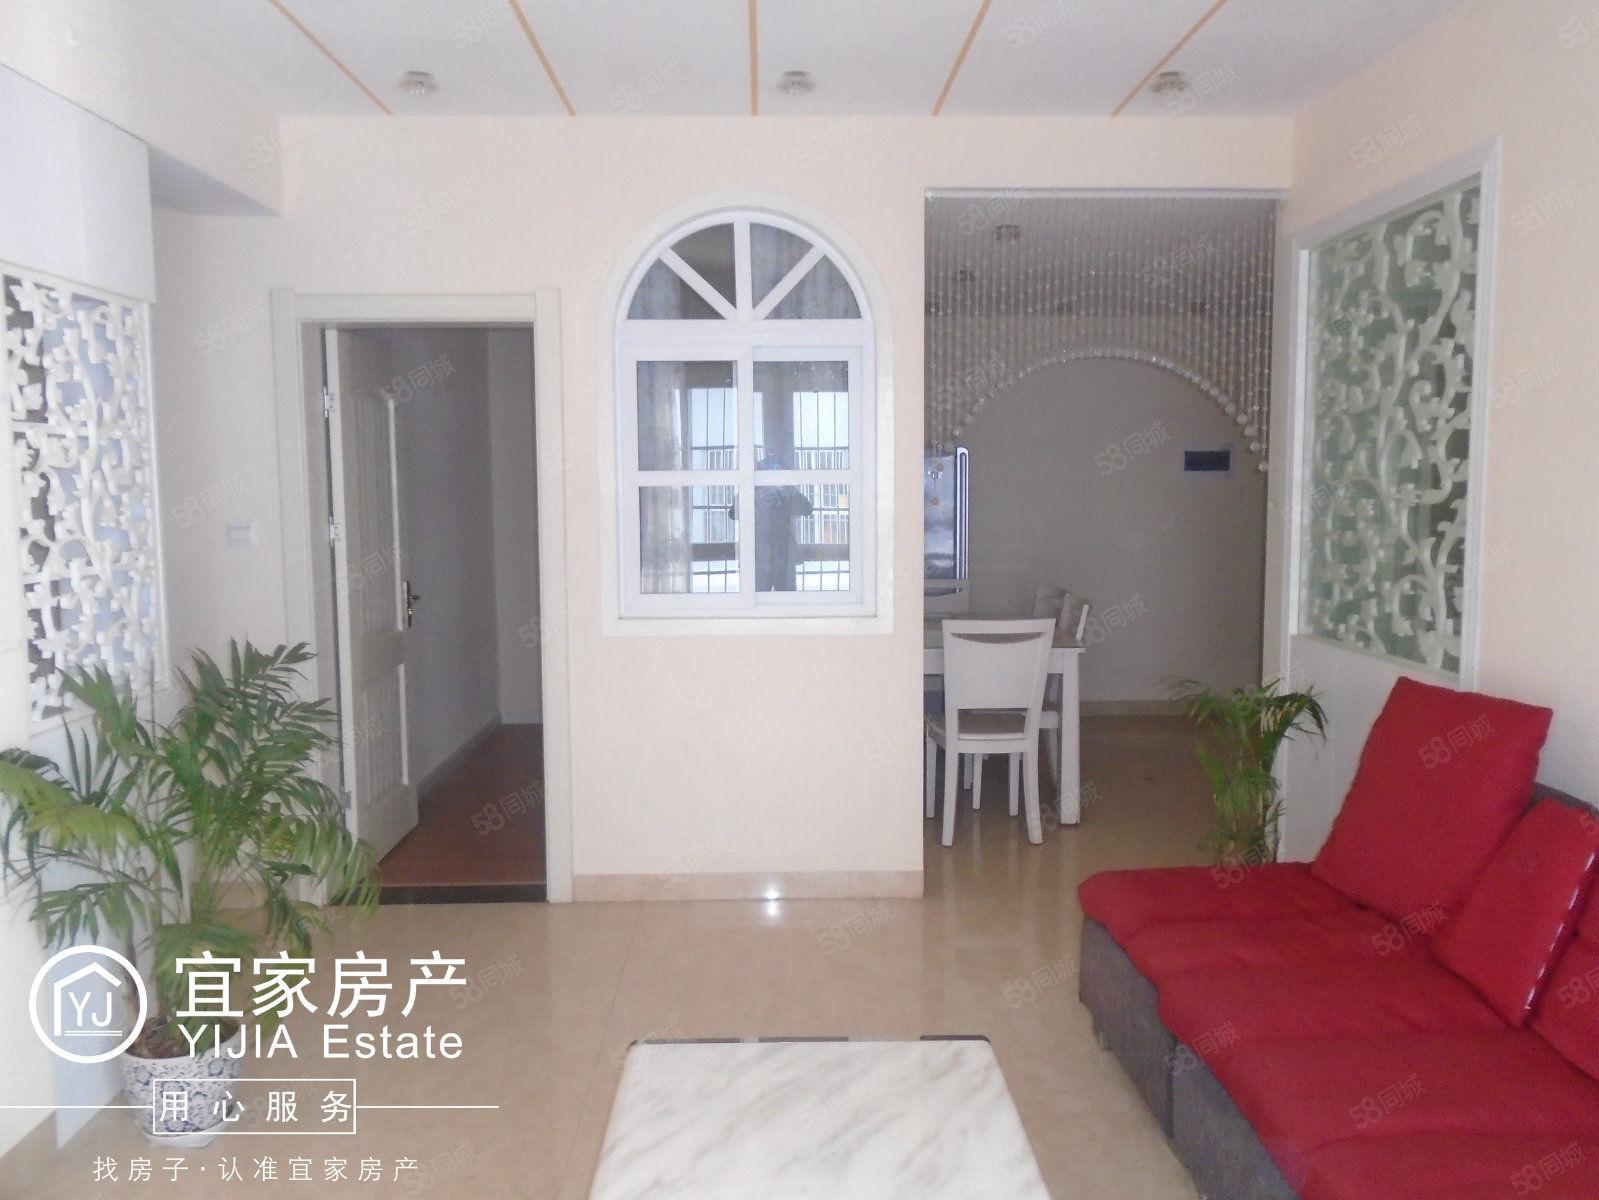 家佳大厦、3室1厅1卫、102平米、精装修、带全套家电家具